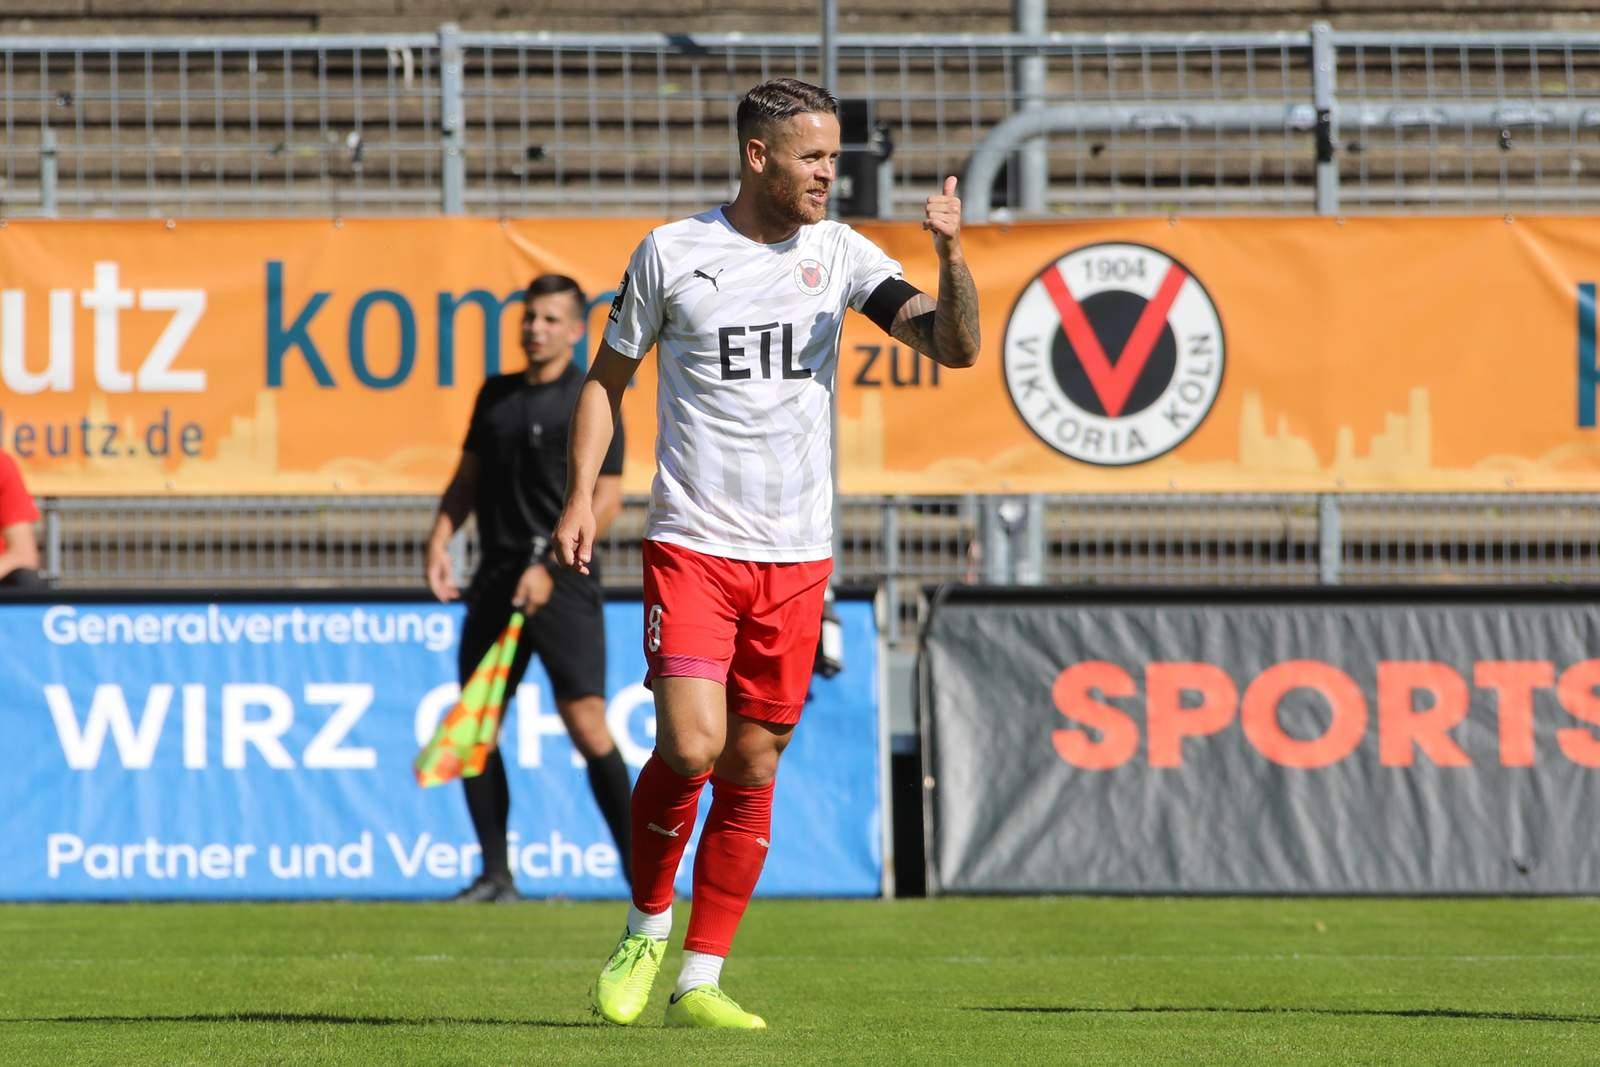 Mike Wunderlich im Spiel gegen Braunschweig.